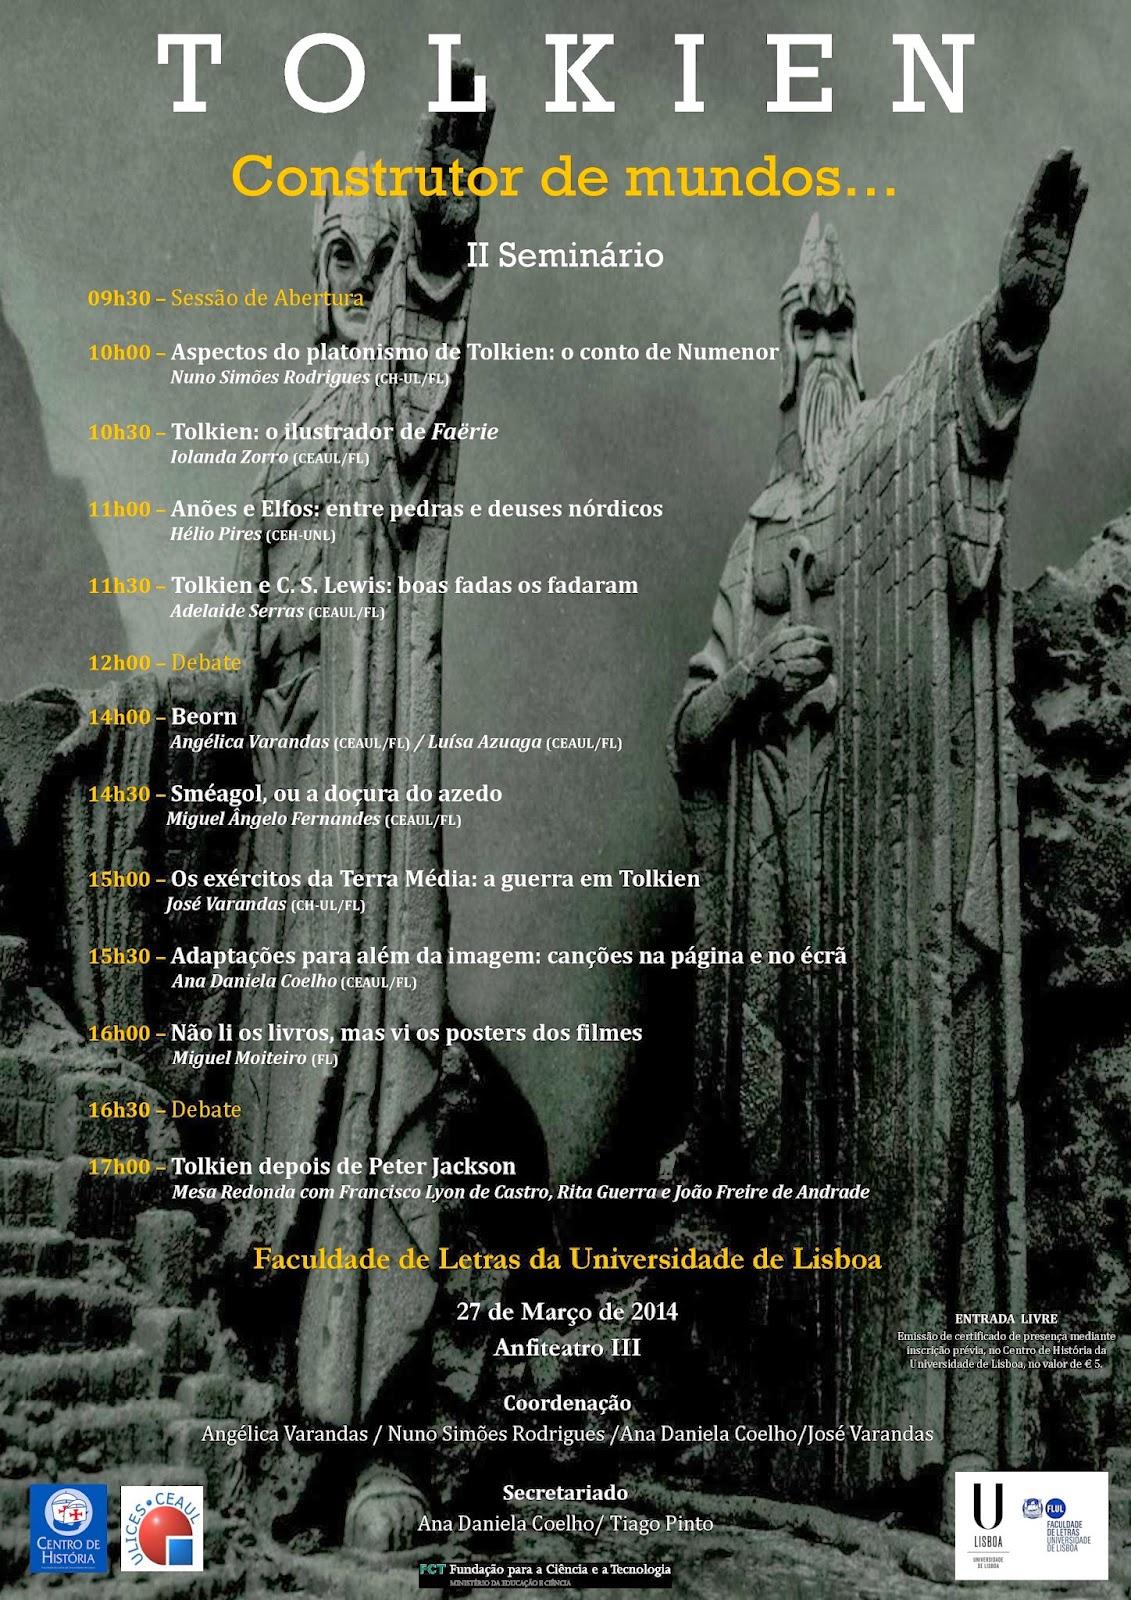 http://www.ulices.org/eventos/ii-seminario-ltolkien-construtor-de-mundosr.html